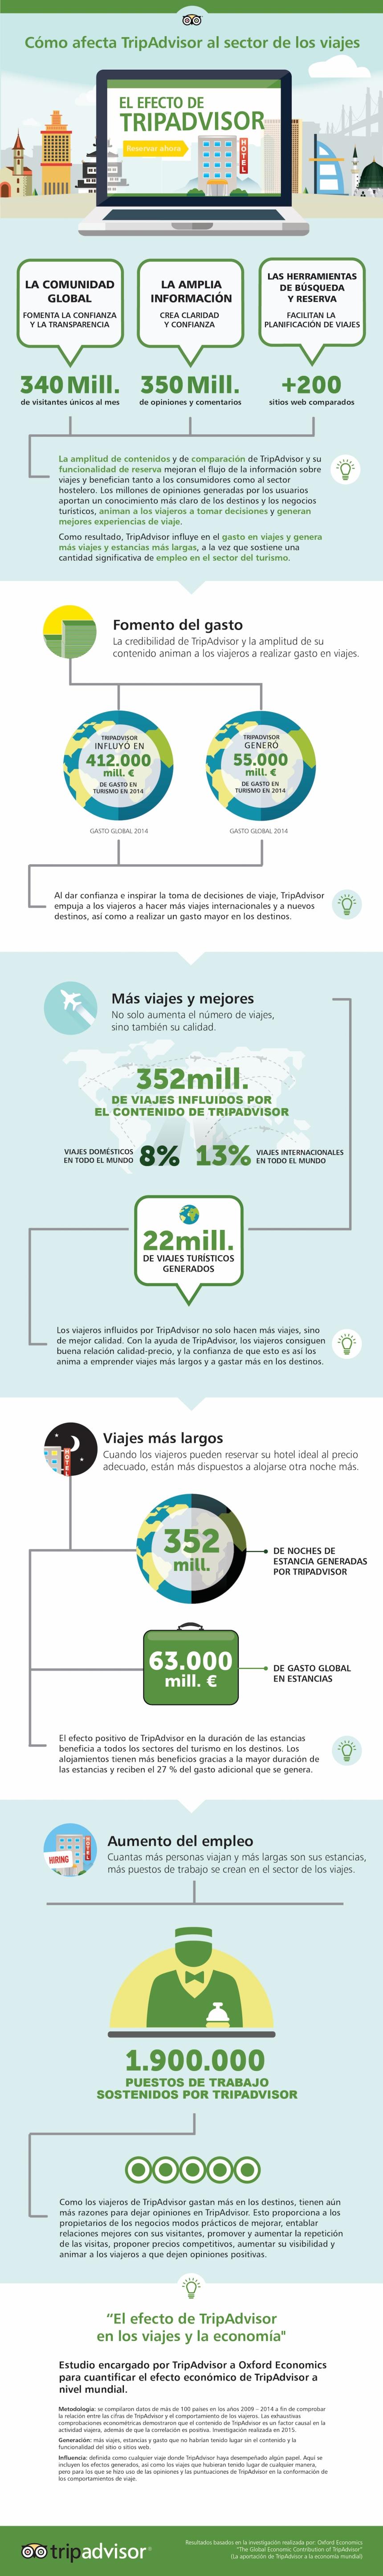 El efecto de TripAdvisor en el Sector de los Viajes